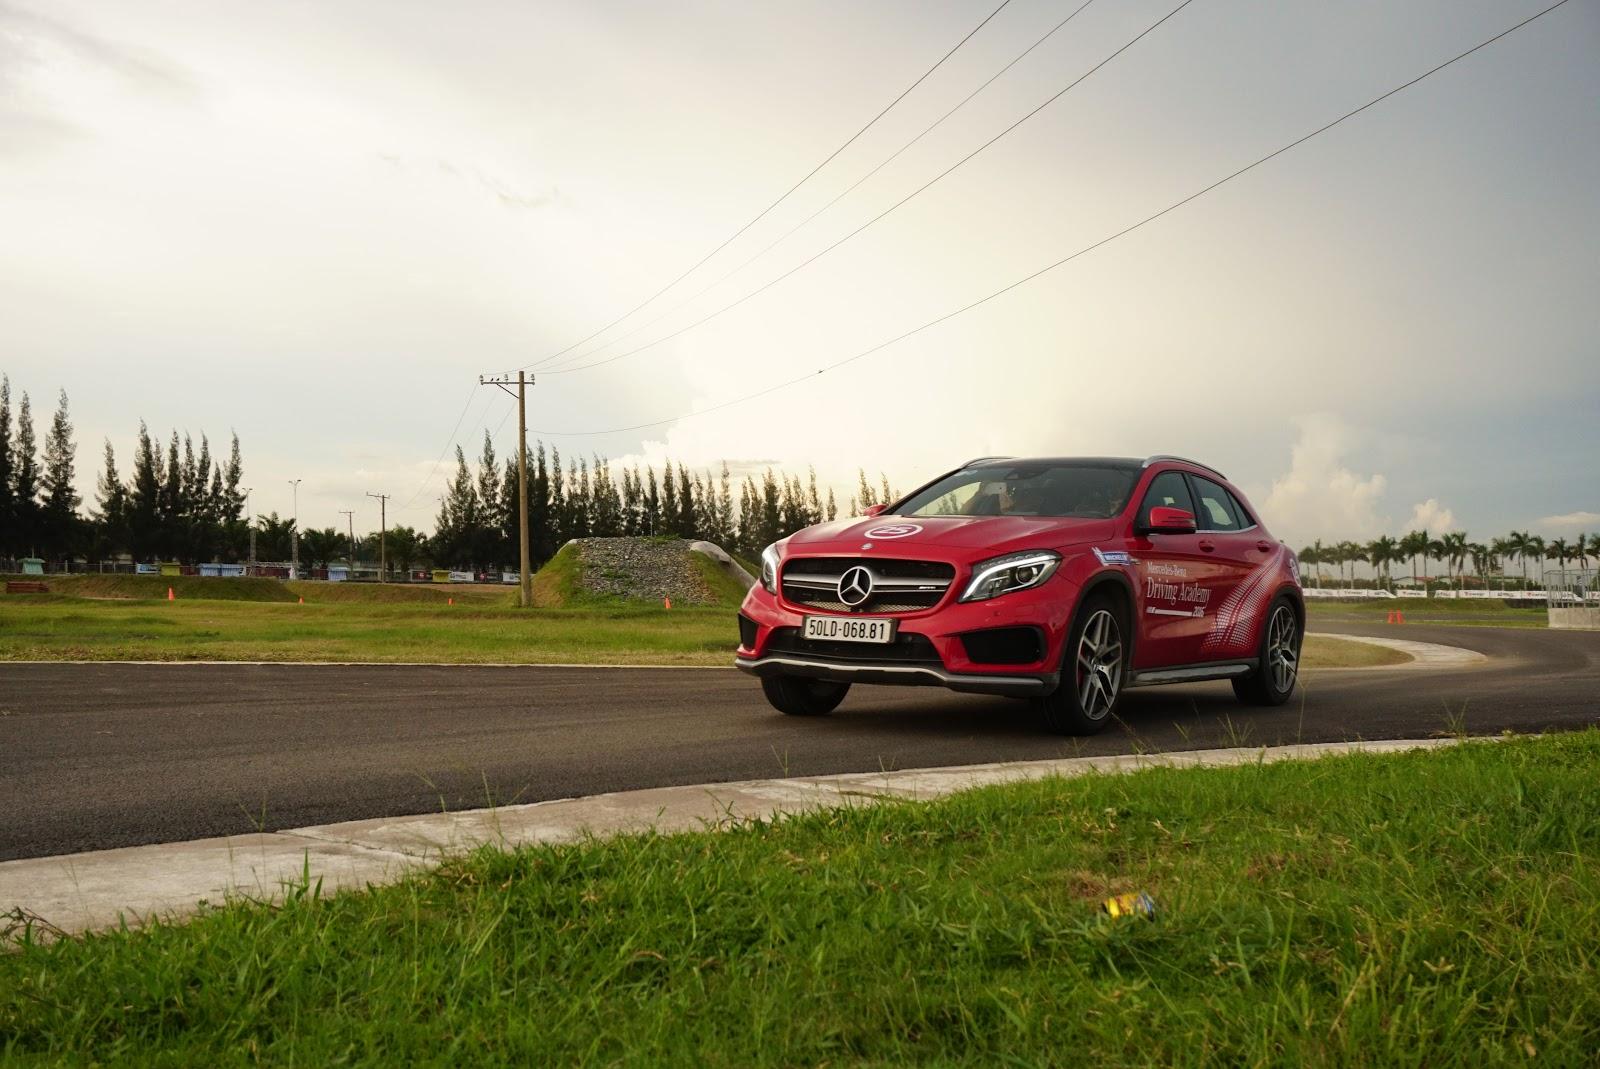 A45 AMG màu đỏ quá mạnh mẽ, cuốn hút trên đường